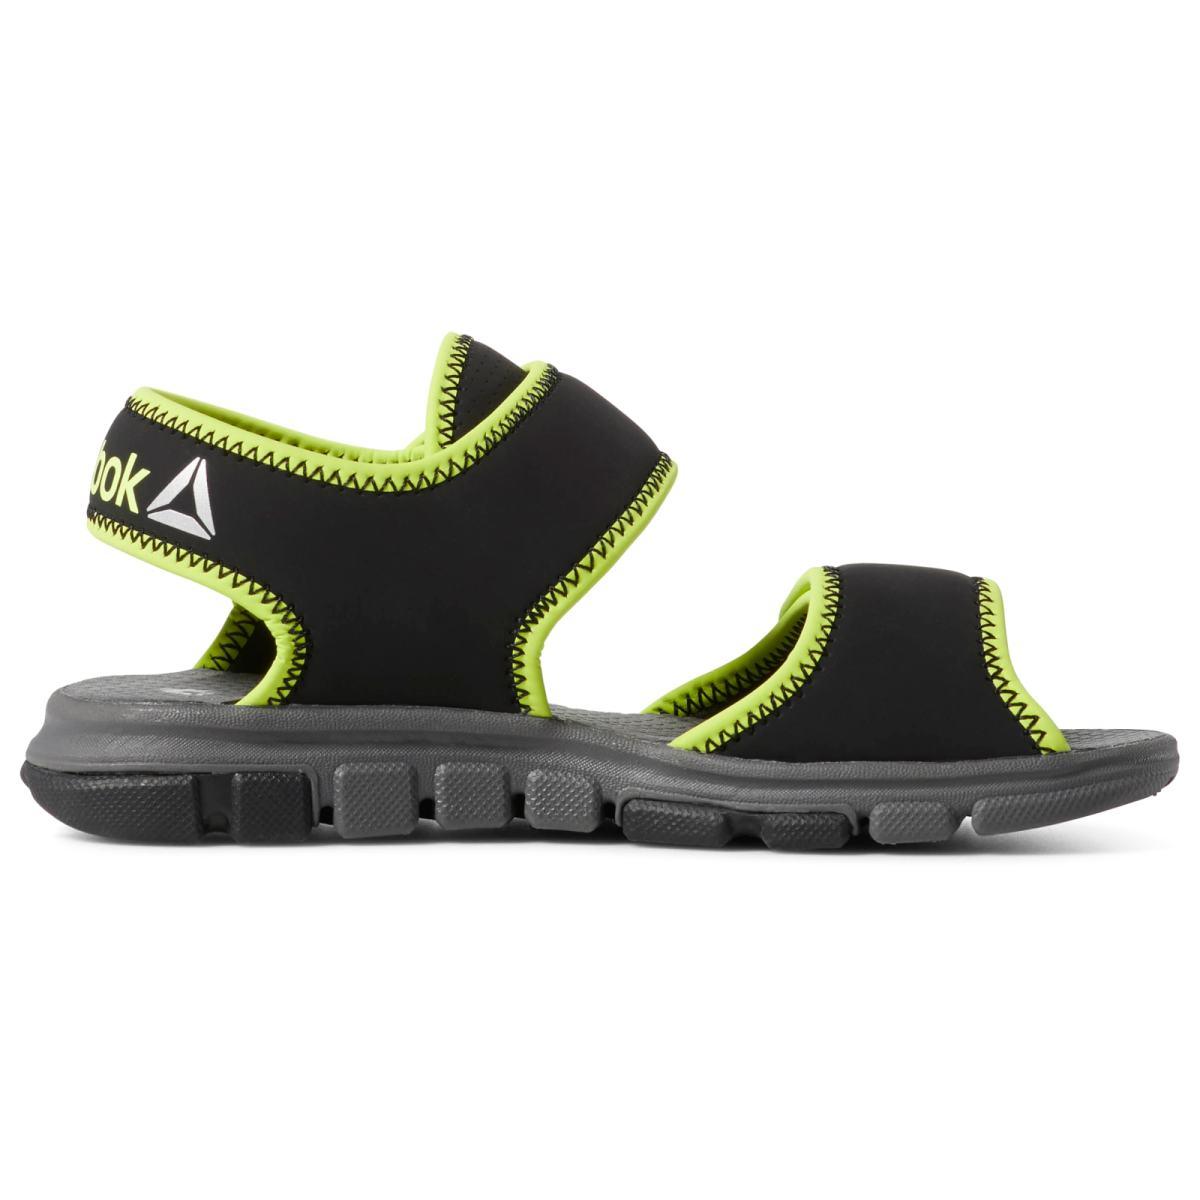 Wave_Glider_III_Sandals_Black_CN8609_03_standard